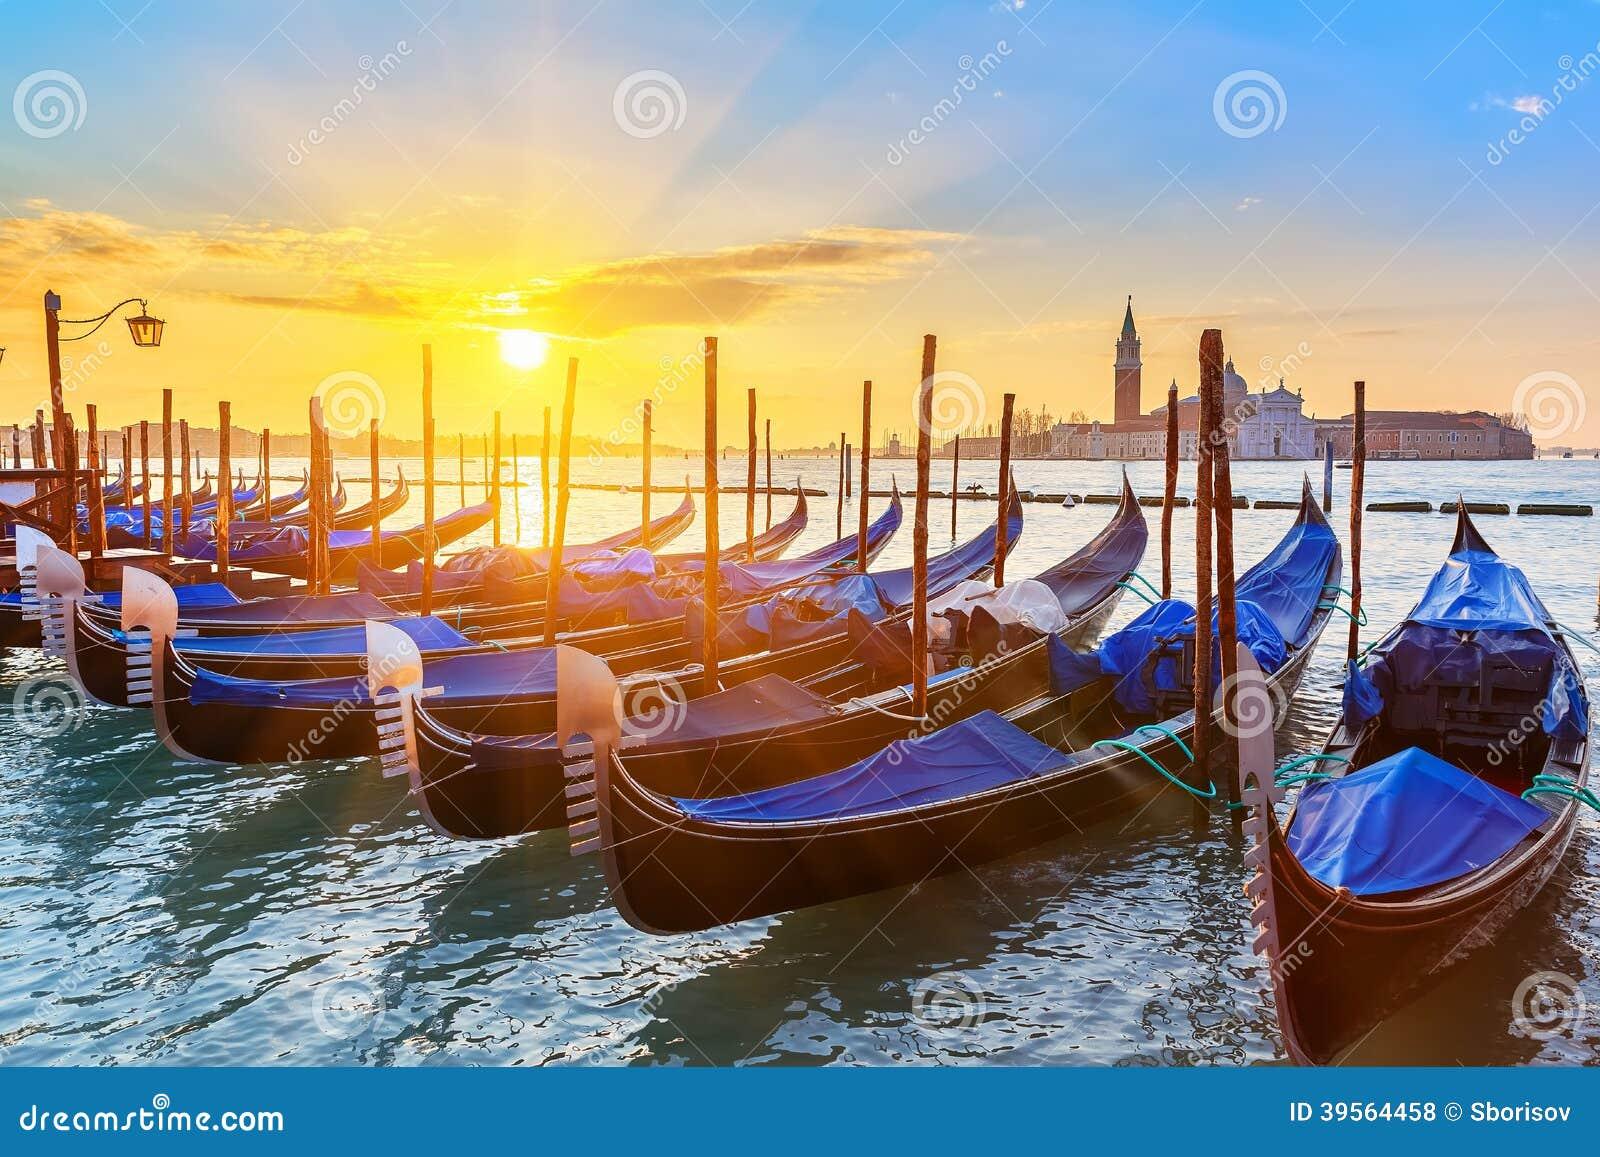 Venetiaanse gondels bij zonsopgang